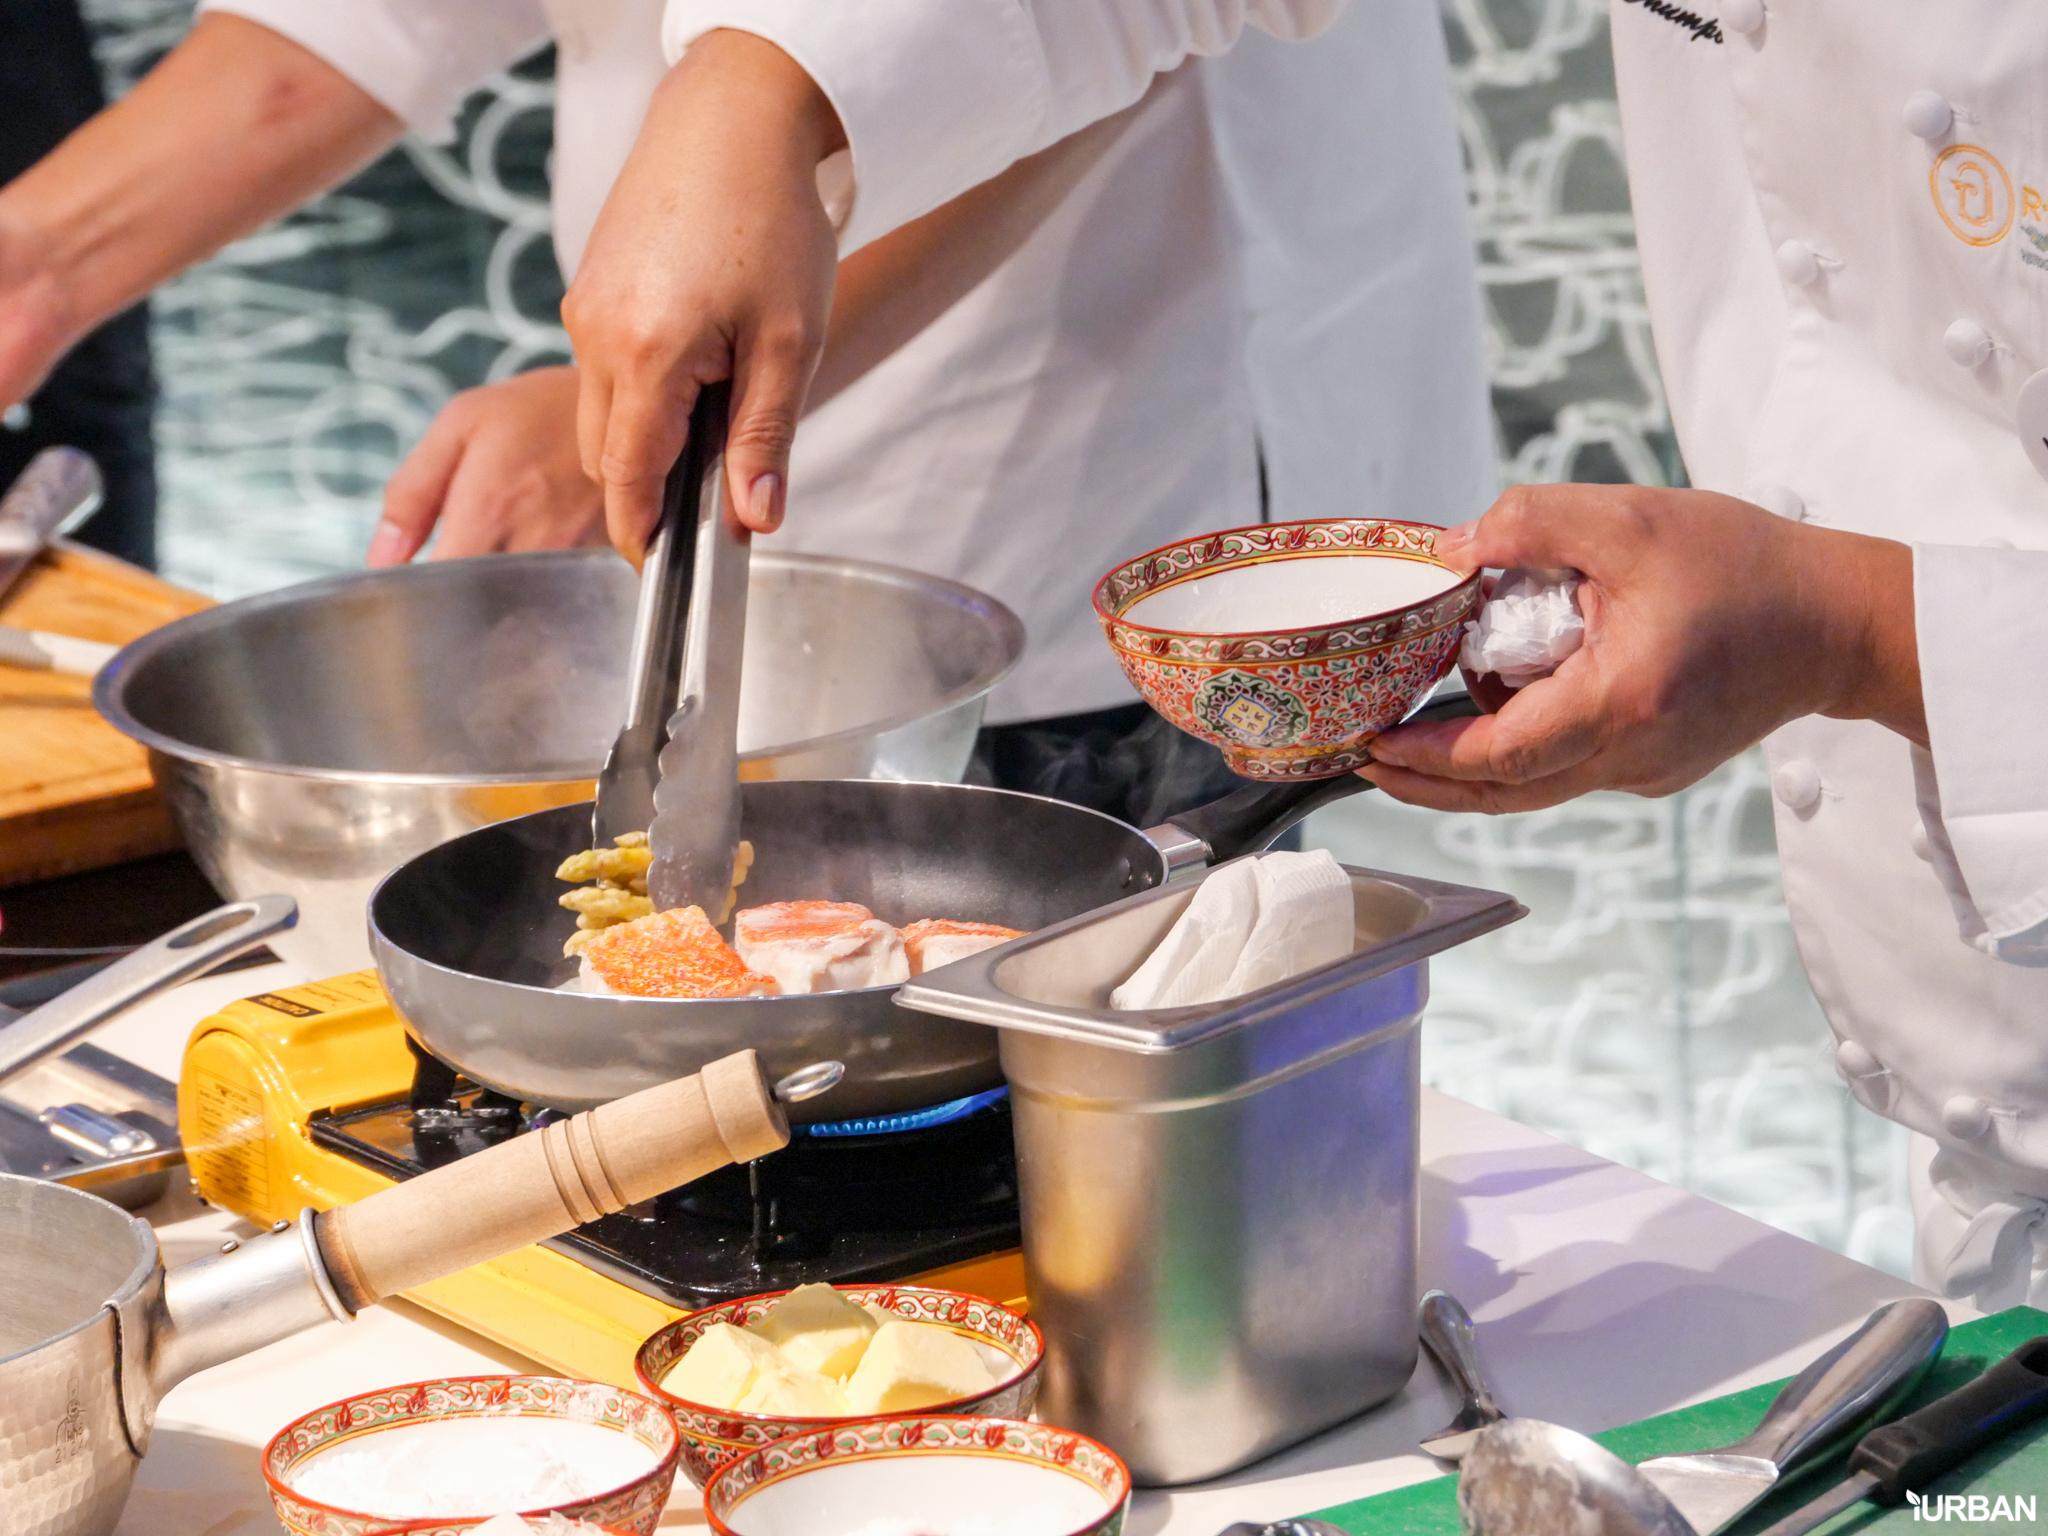 """สร้างช่วงเวลาสุดพิเศษไปกับ """"Sansiri Chef Your Table"""" ที่ให้คุณได้ลิ้มรสอาหารฝีมือเชฟระดับประเทศถึงบ้านคุณ! 19 - Chef"""